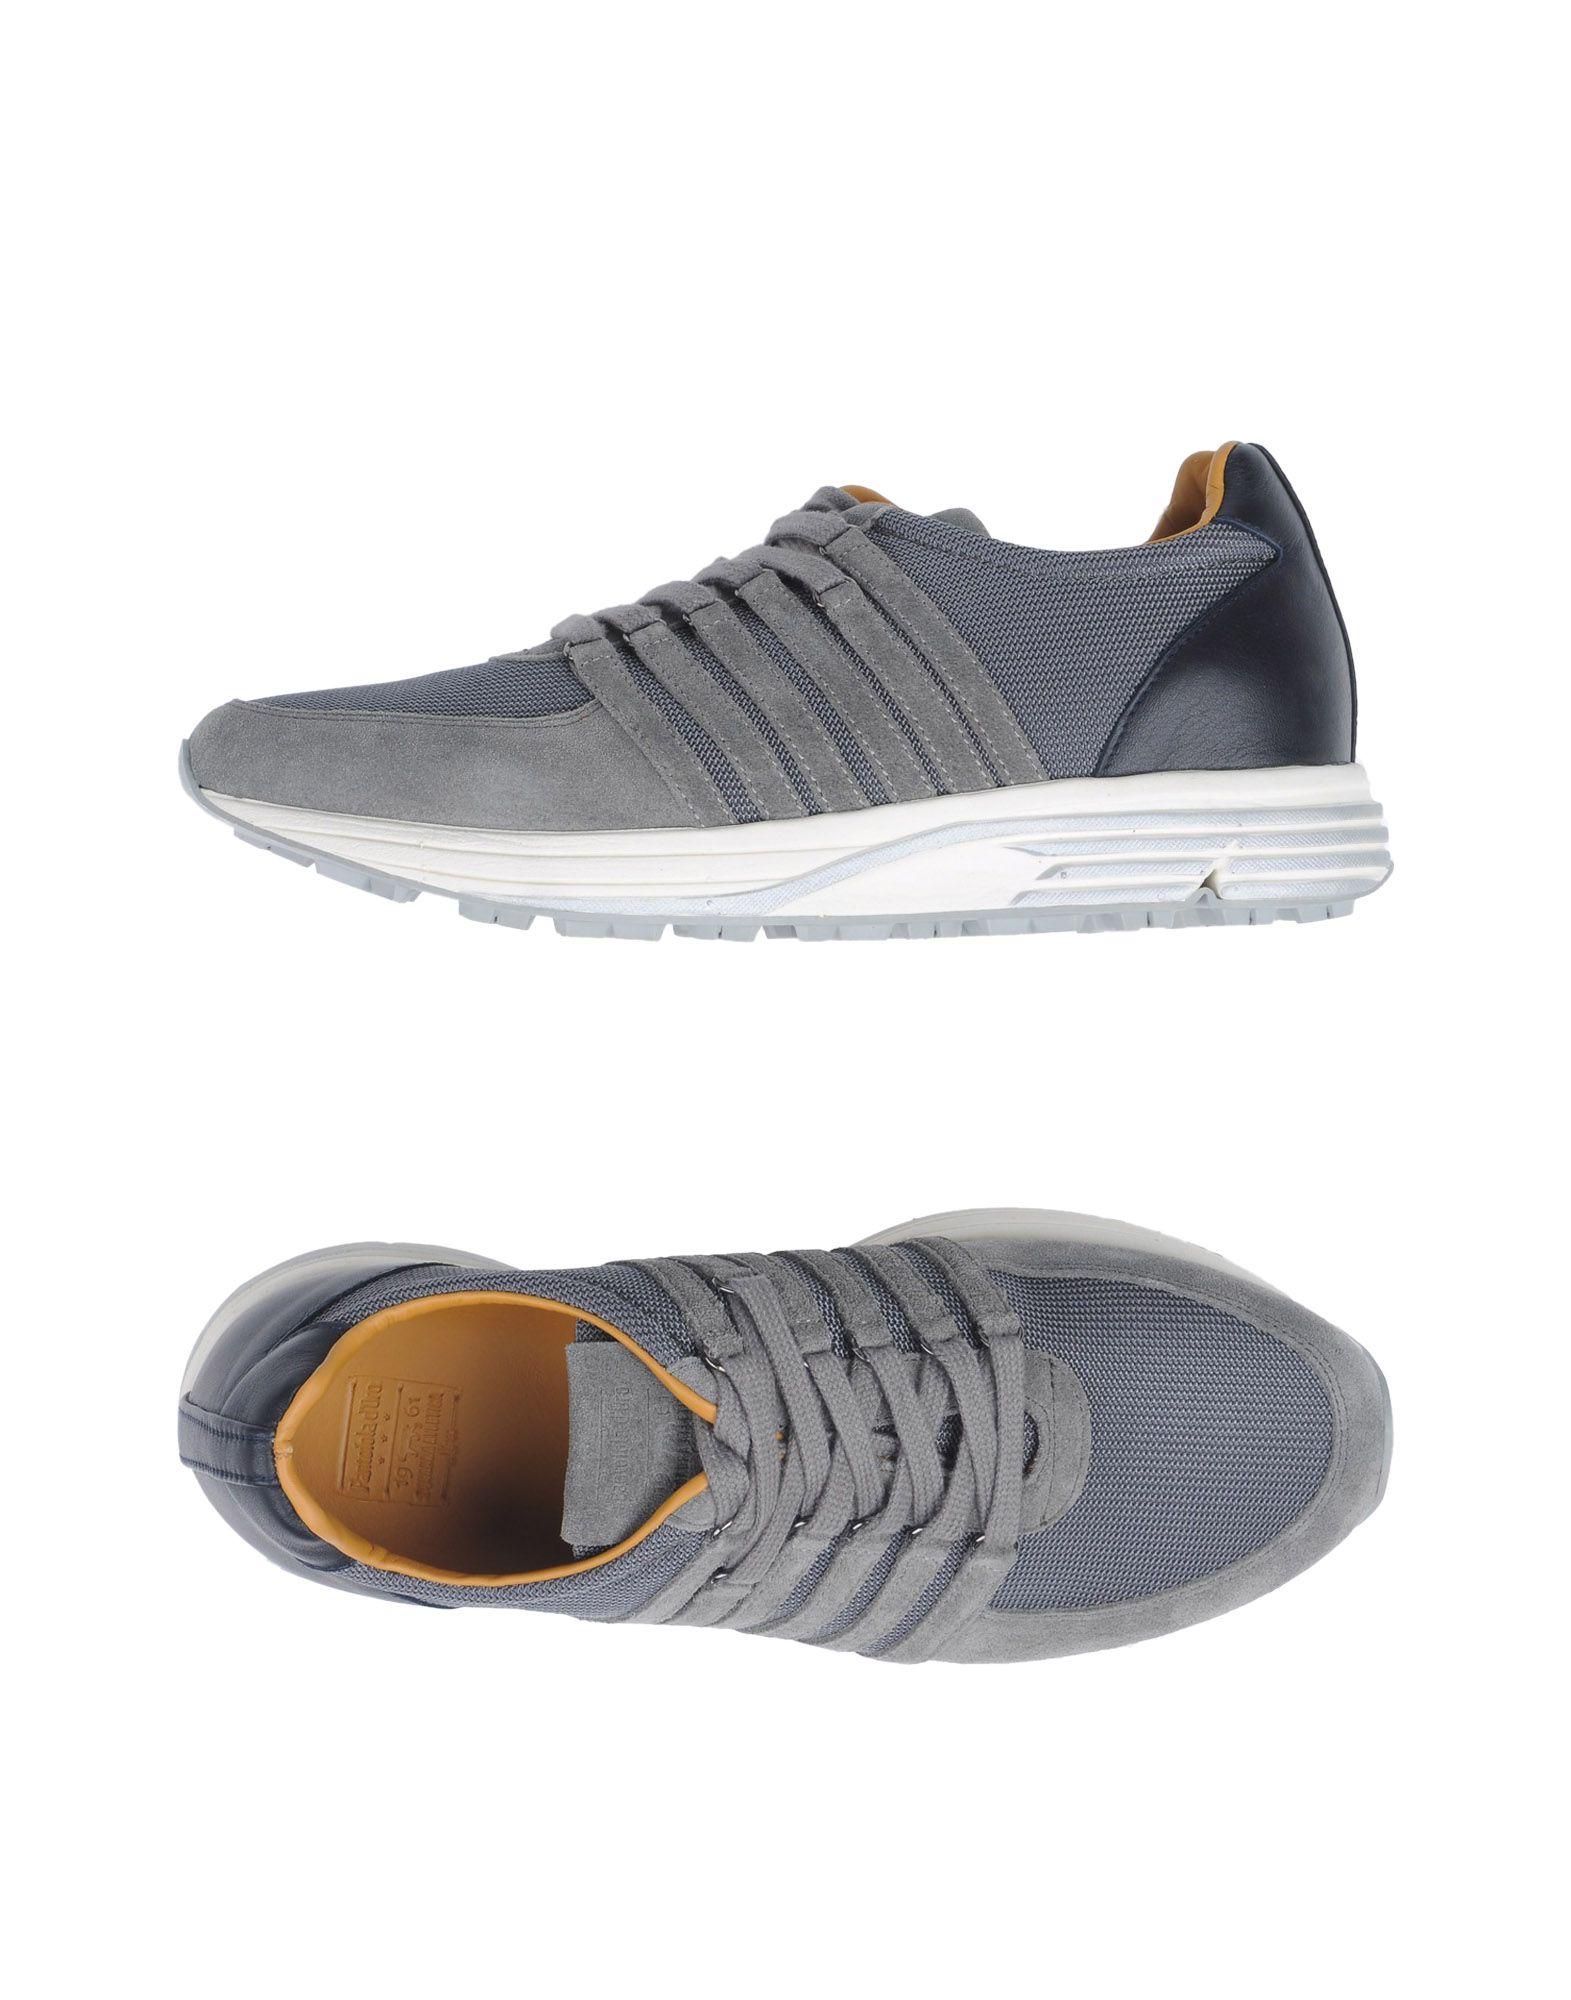 Rabatt echte Schuhe Pantofola D'oro Sneakers Herren  11354021CE